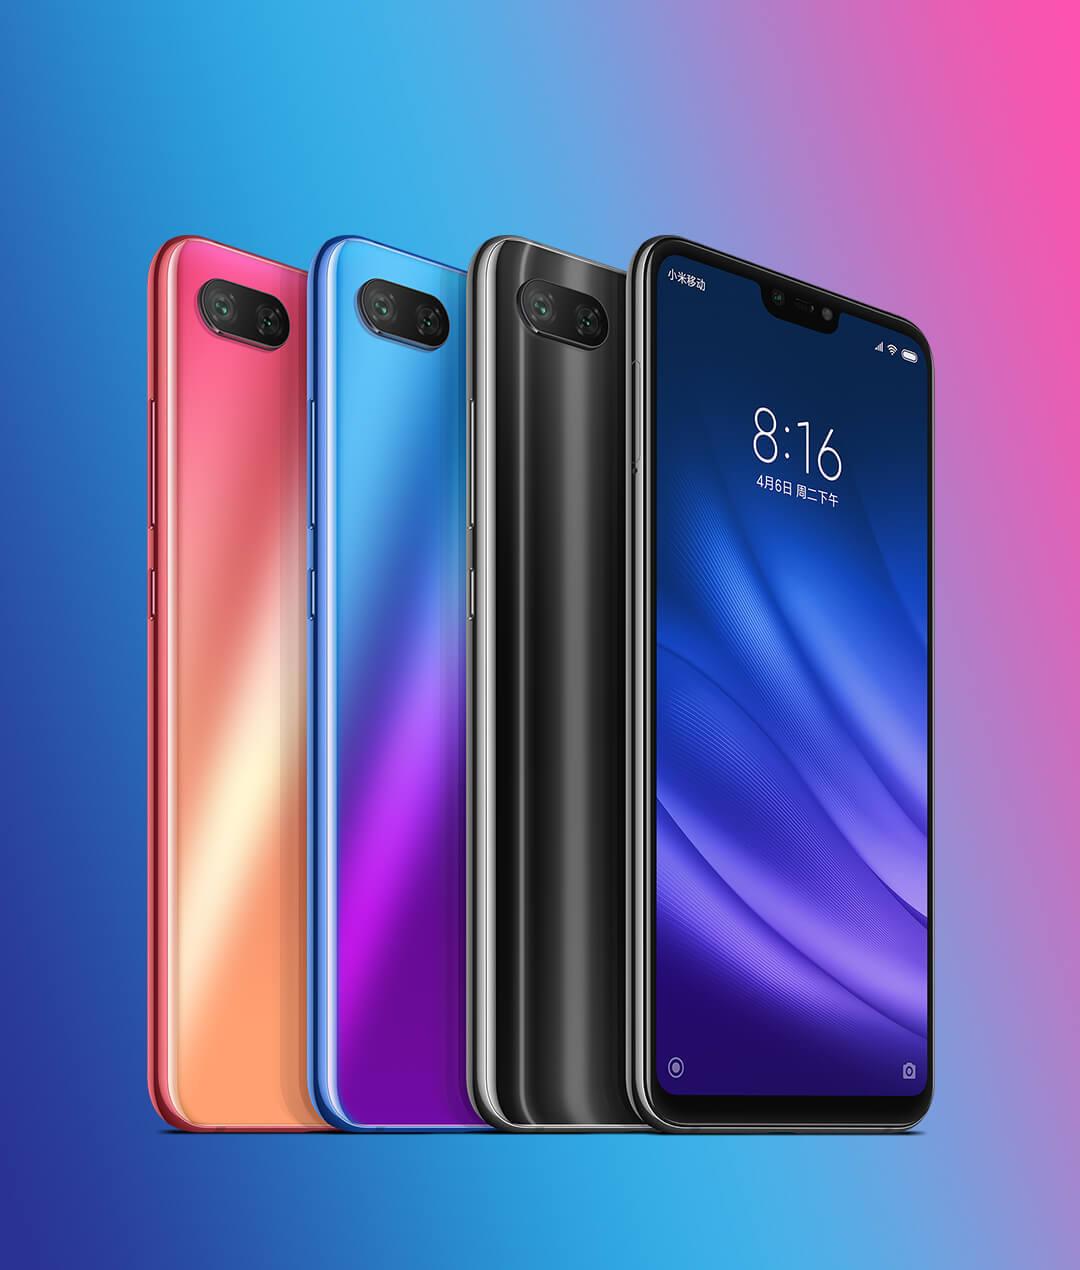 Xiaomi MI 8 Lite Smartphone